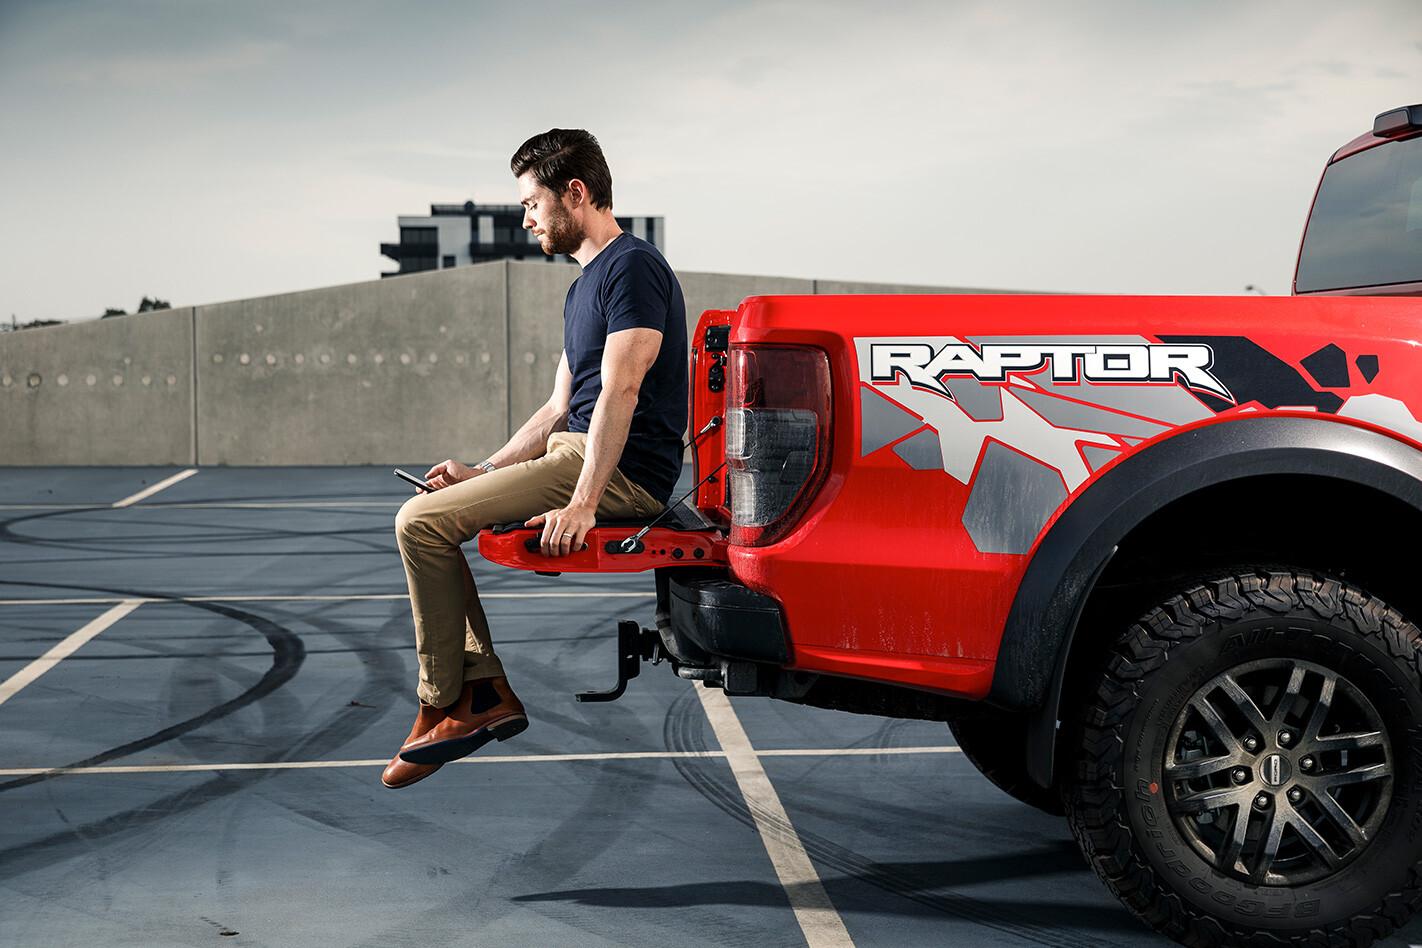 2019 Ford Ranger Raptor 4x4 Ute Tray